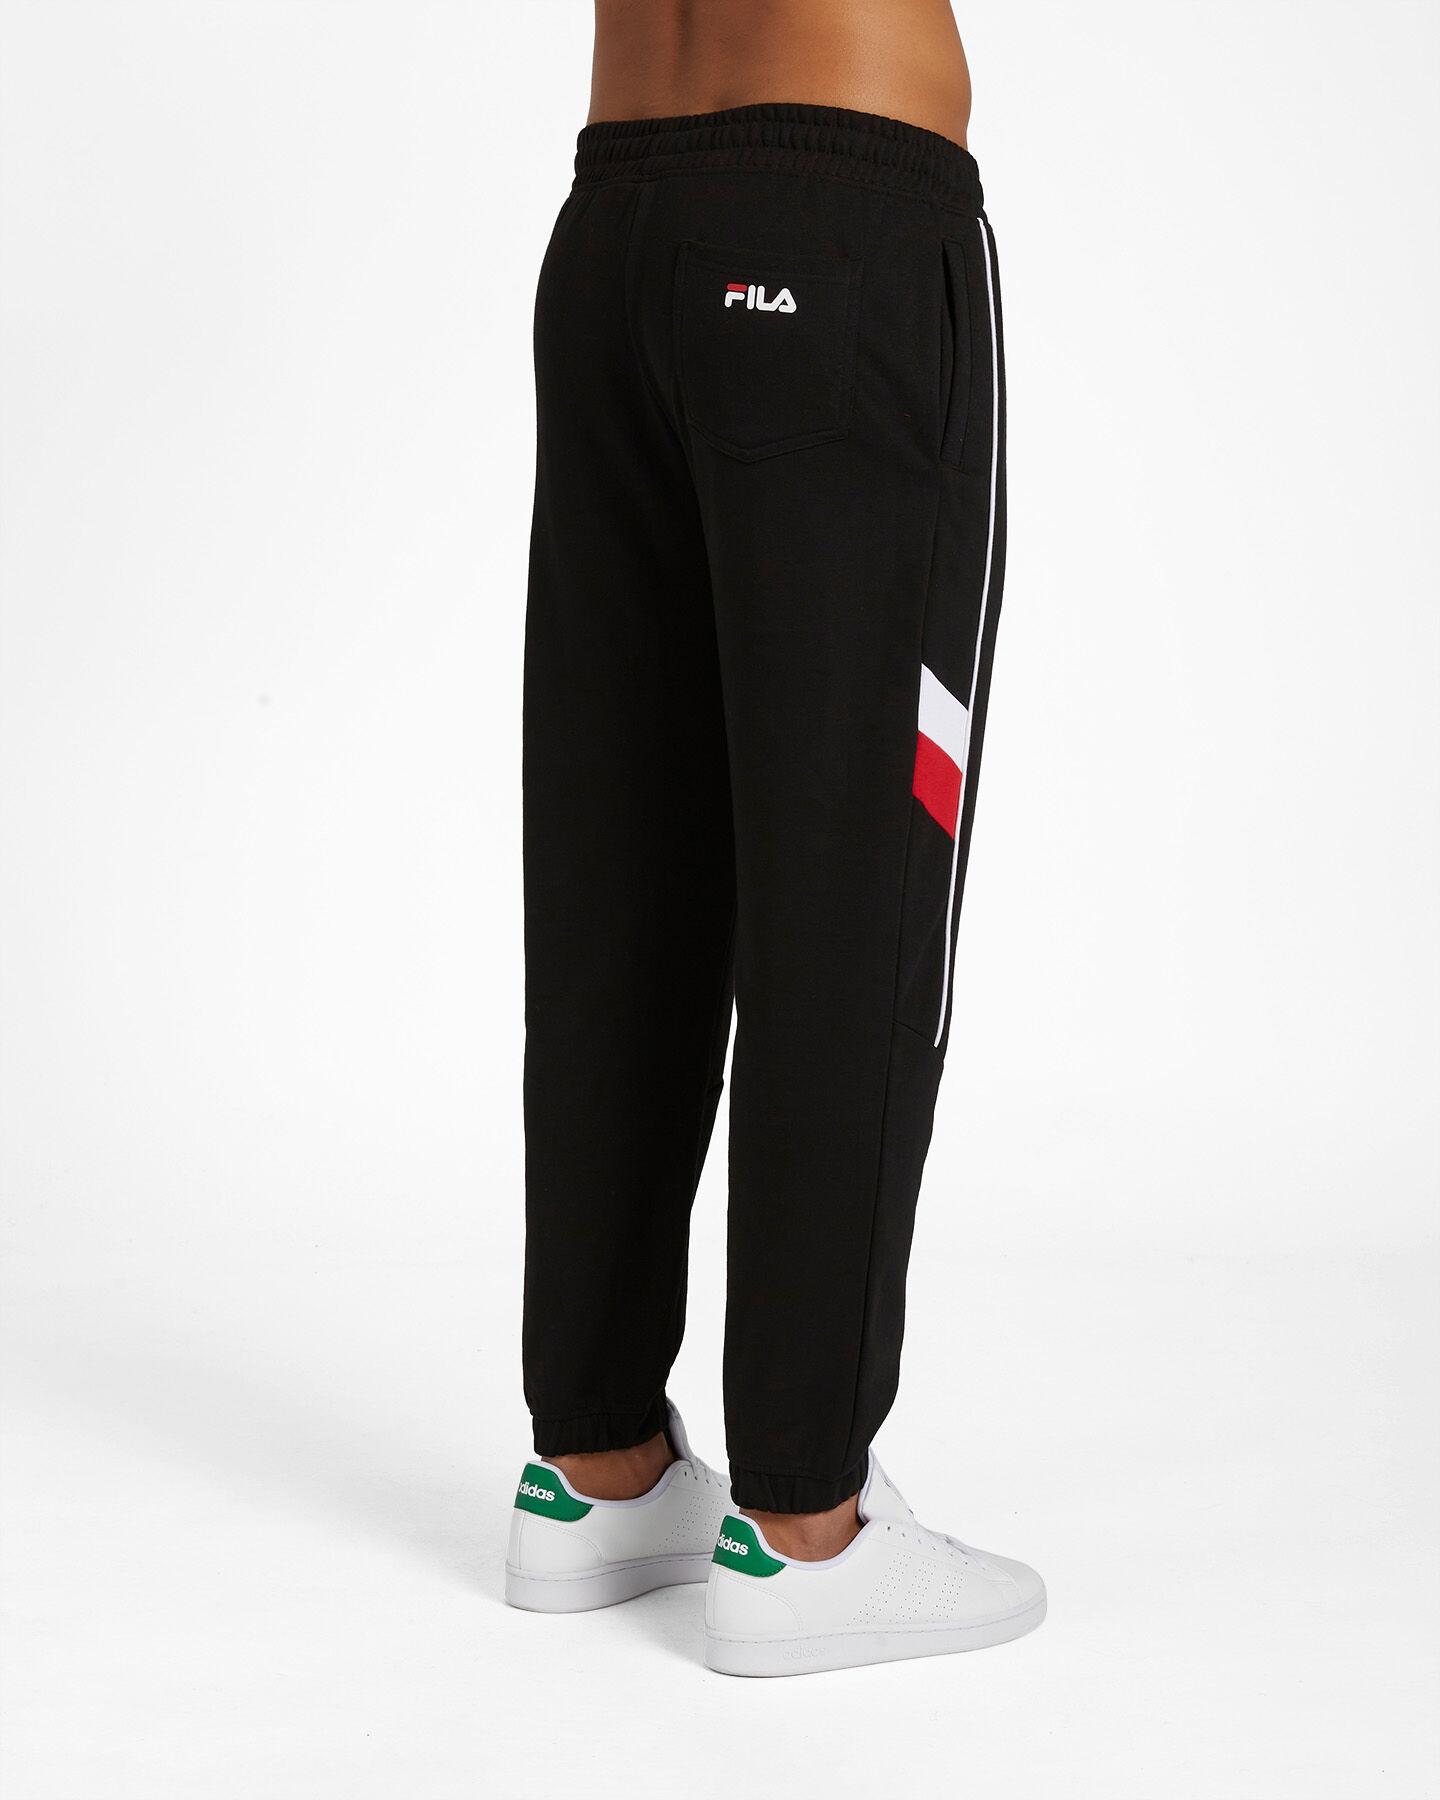 Pantalone FILA INSERT M S4093680 scatto 1